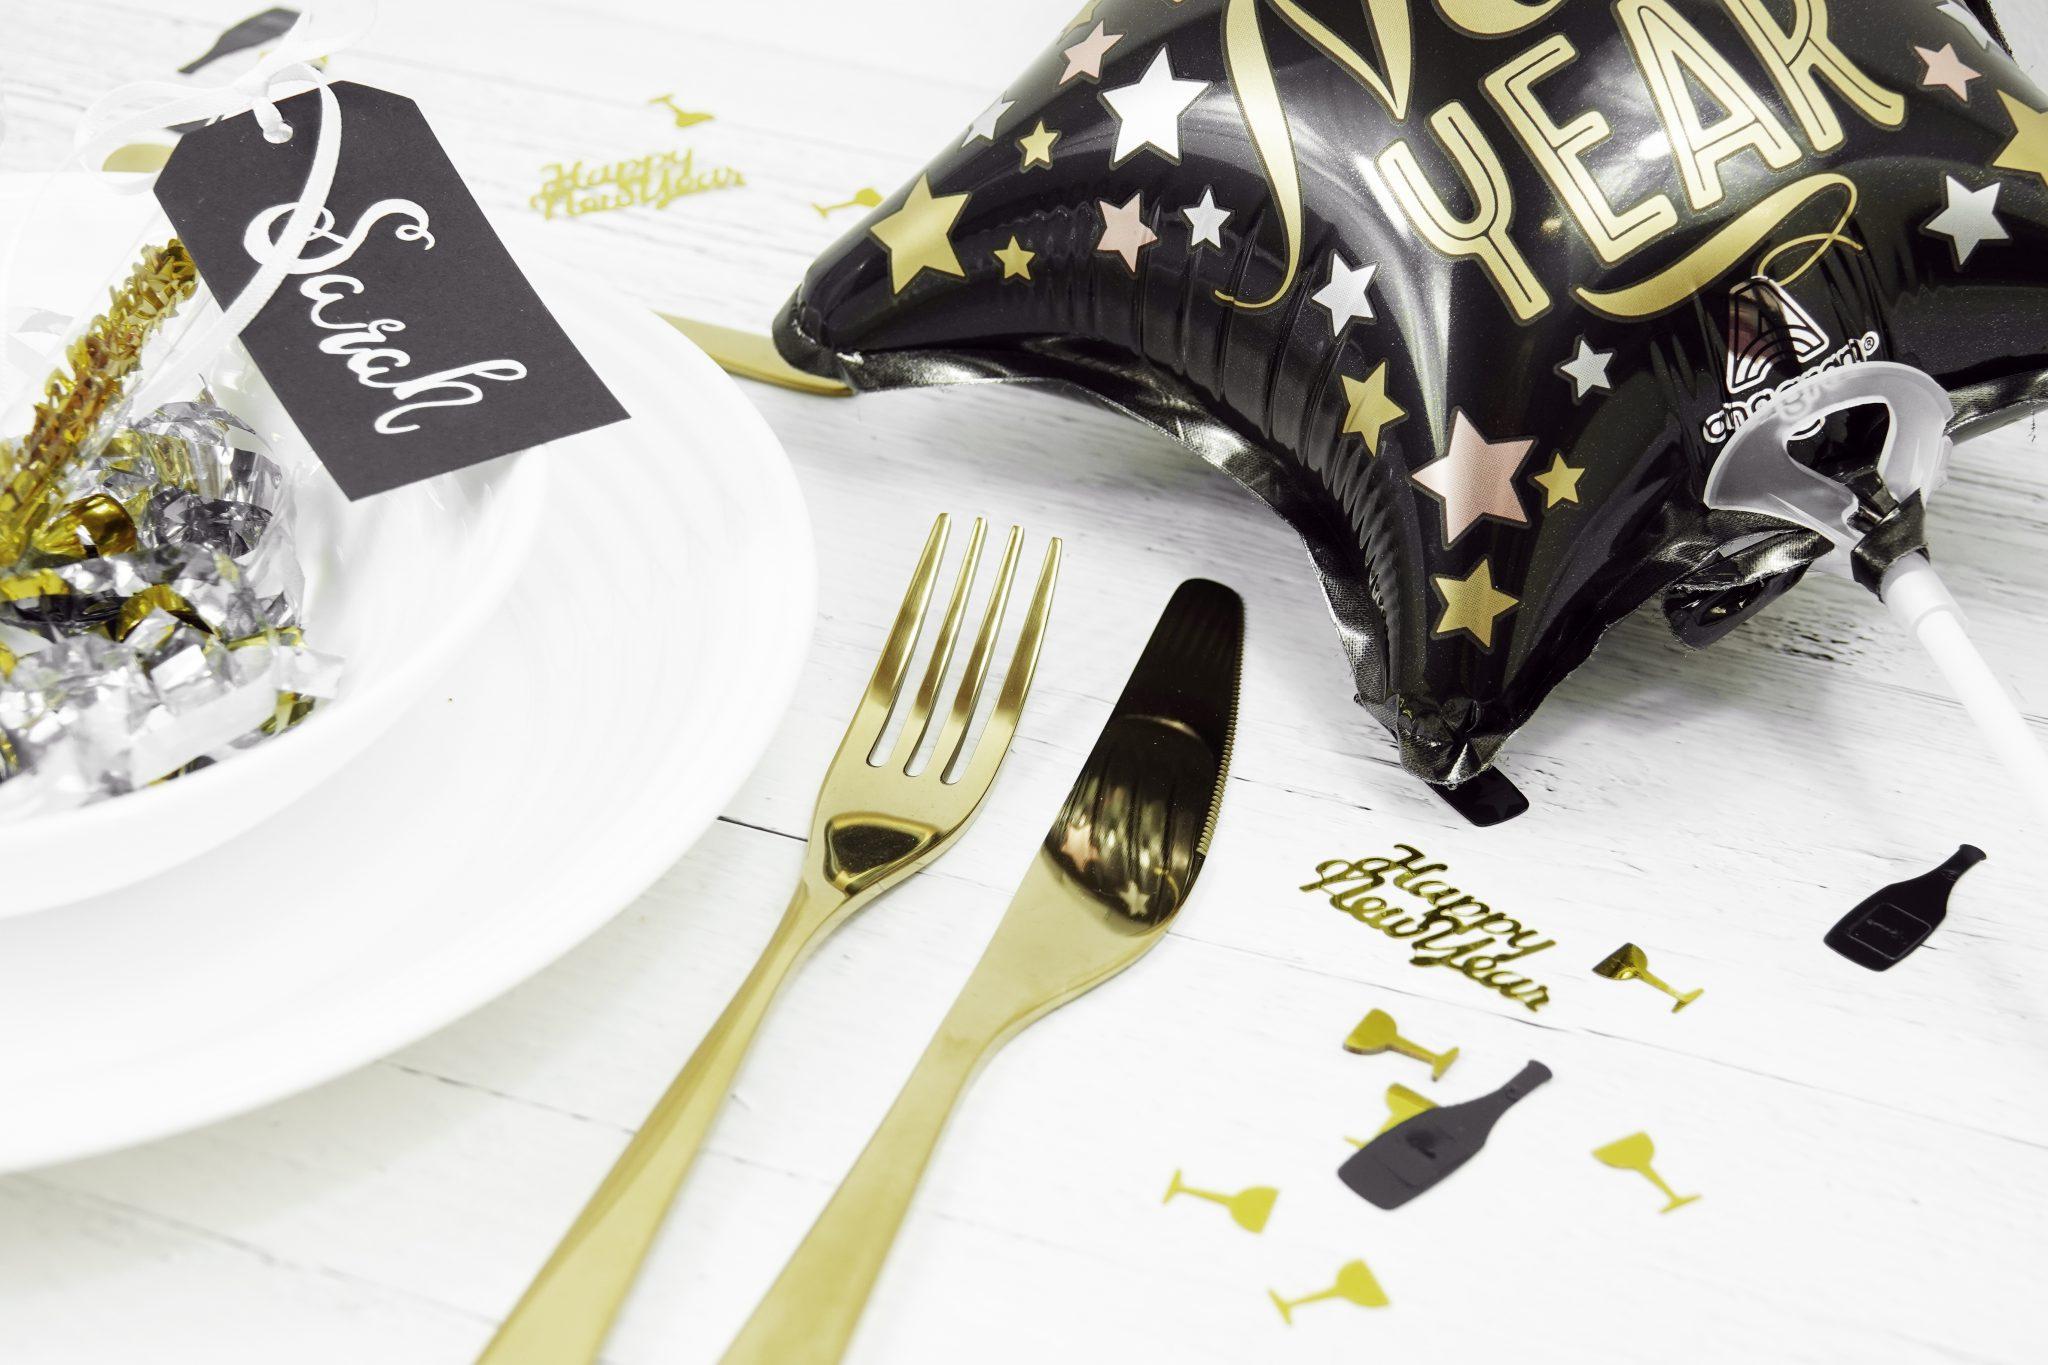 Tischgedeck für Silvester in schwarz gold